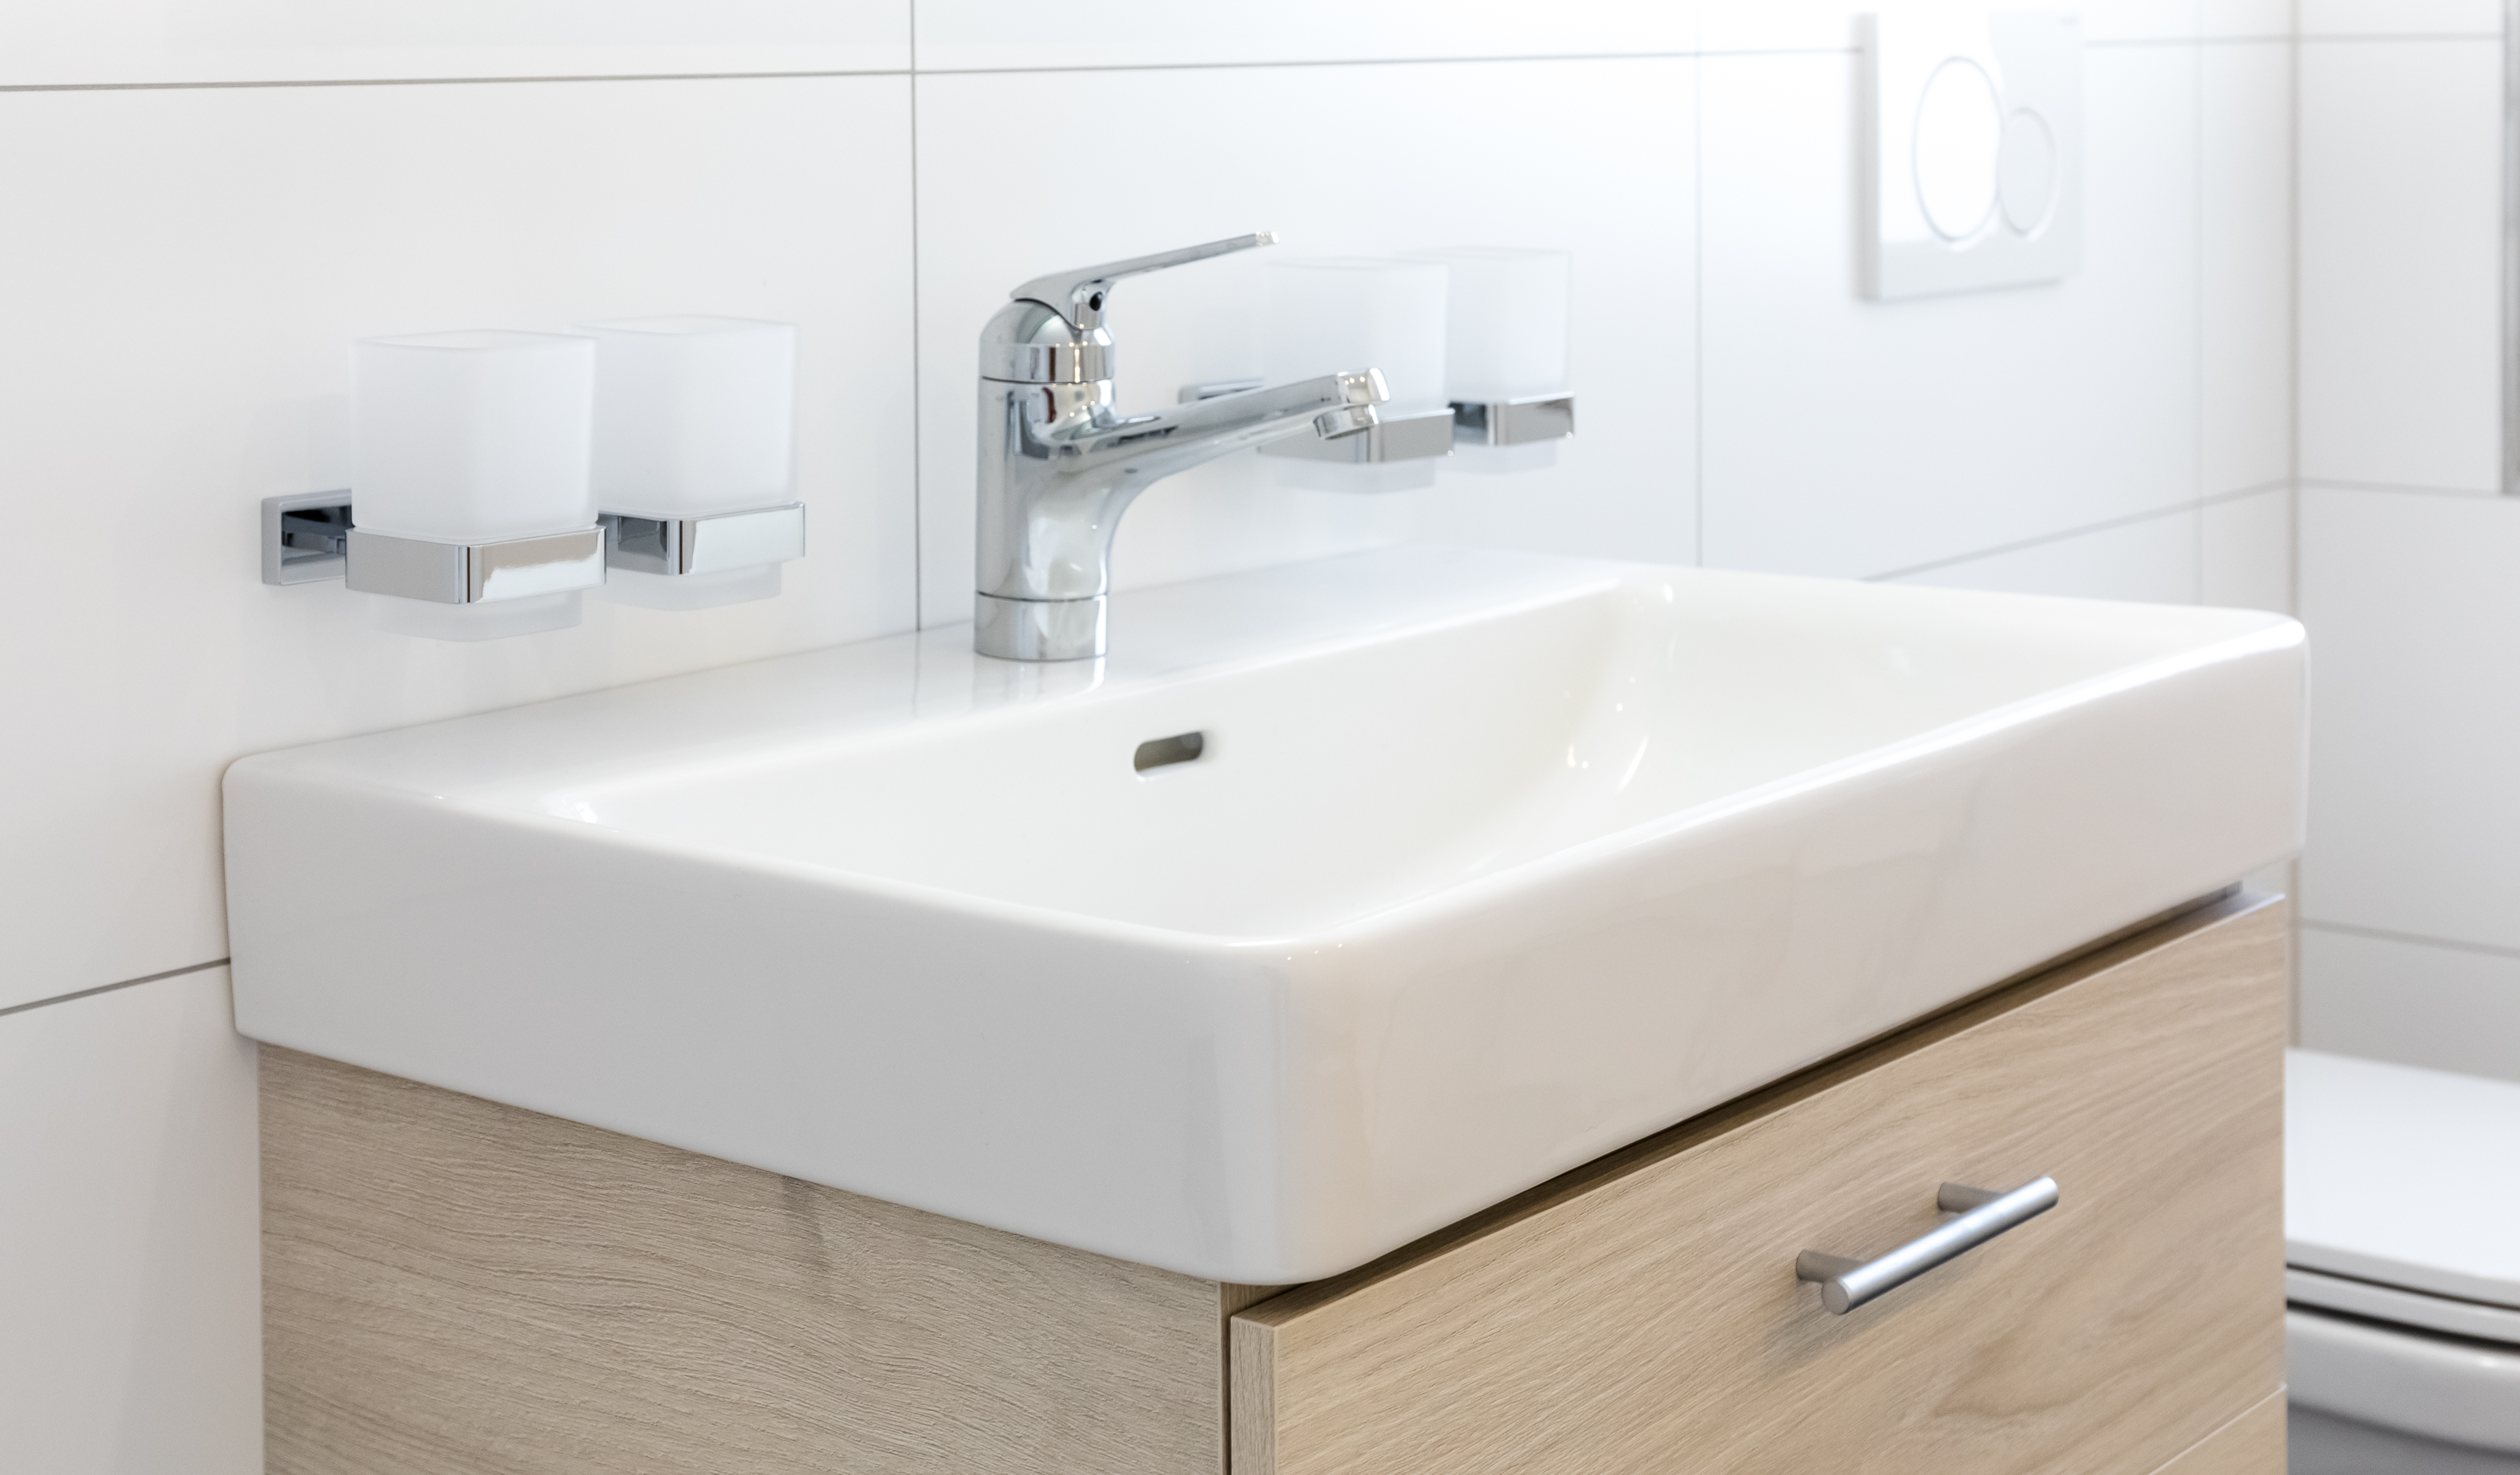 Ebenerdige Und Bodengleiche Dusche Lavabo Auf Modernem Unterschrank